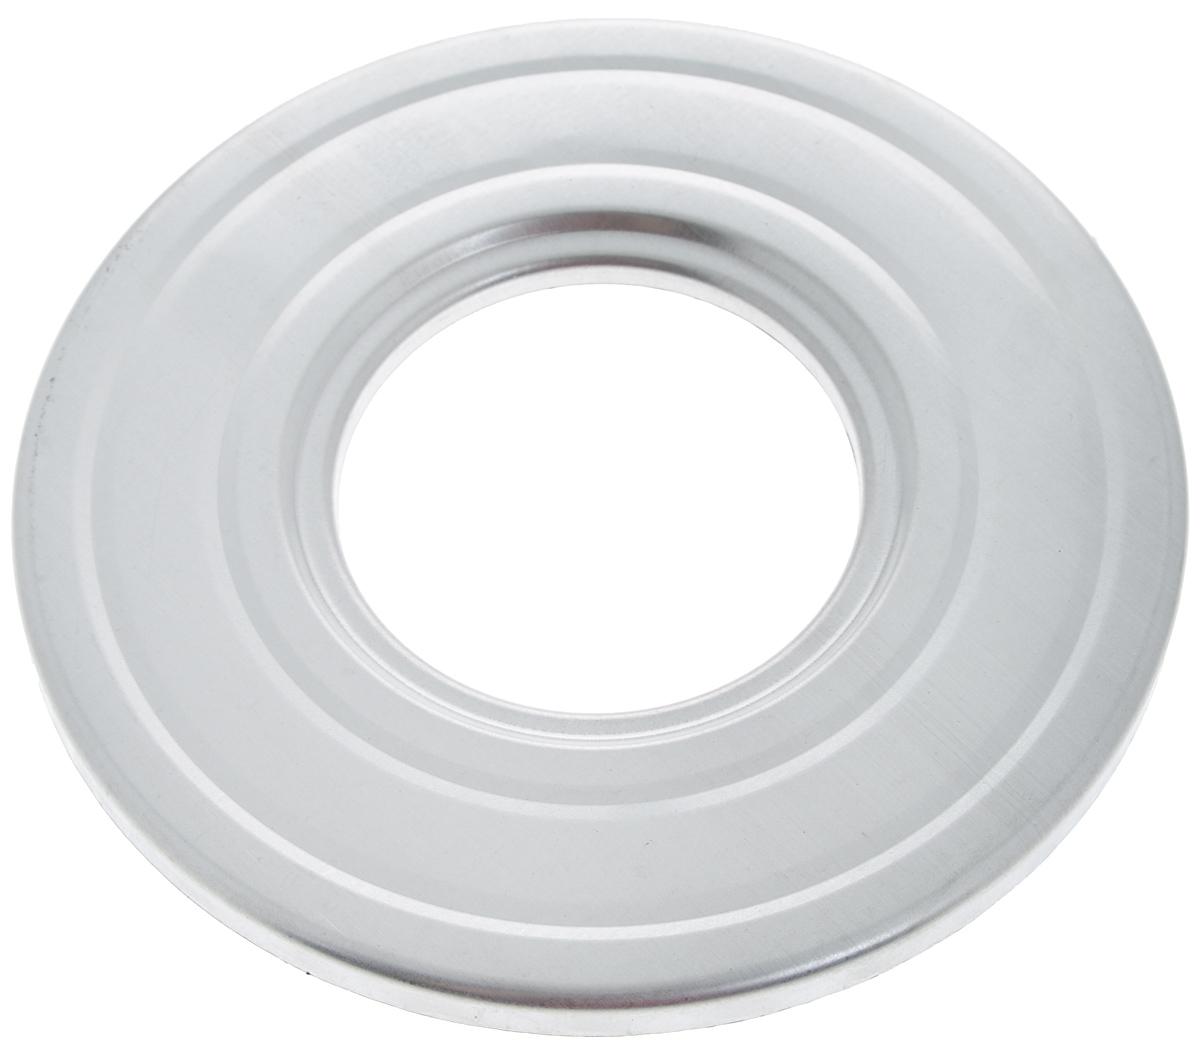 Приспособление 3М, для стерилизации банки4612750750089Приспособление 3М, изготовленное из алюминия, предназначено для быстрой и эффективной стерилизации банок. Спелые помидоры, сочные огурцы и перцы или сладкий джем и ароматное варенье - лучшие источники витаминов в холодное время года!Диаметр отверстия для банки: 8,5 см.